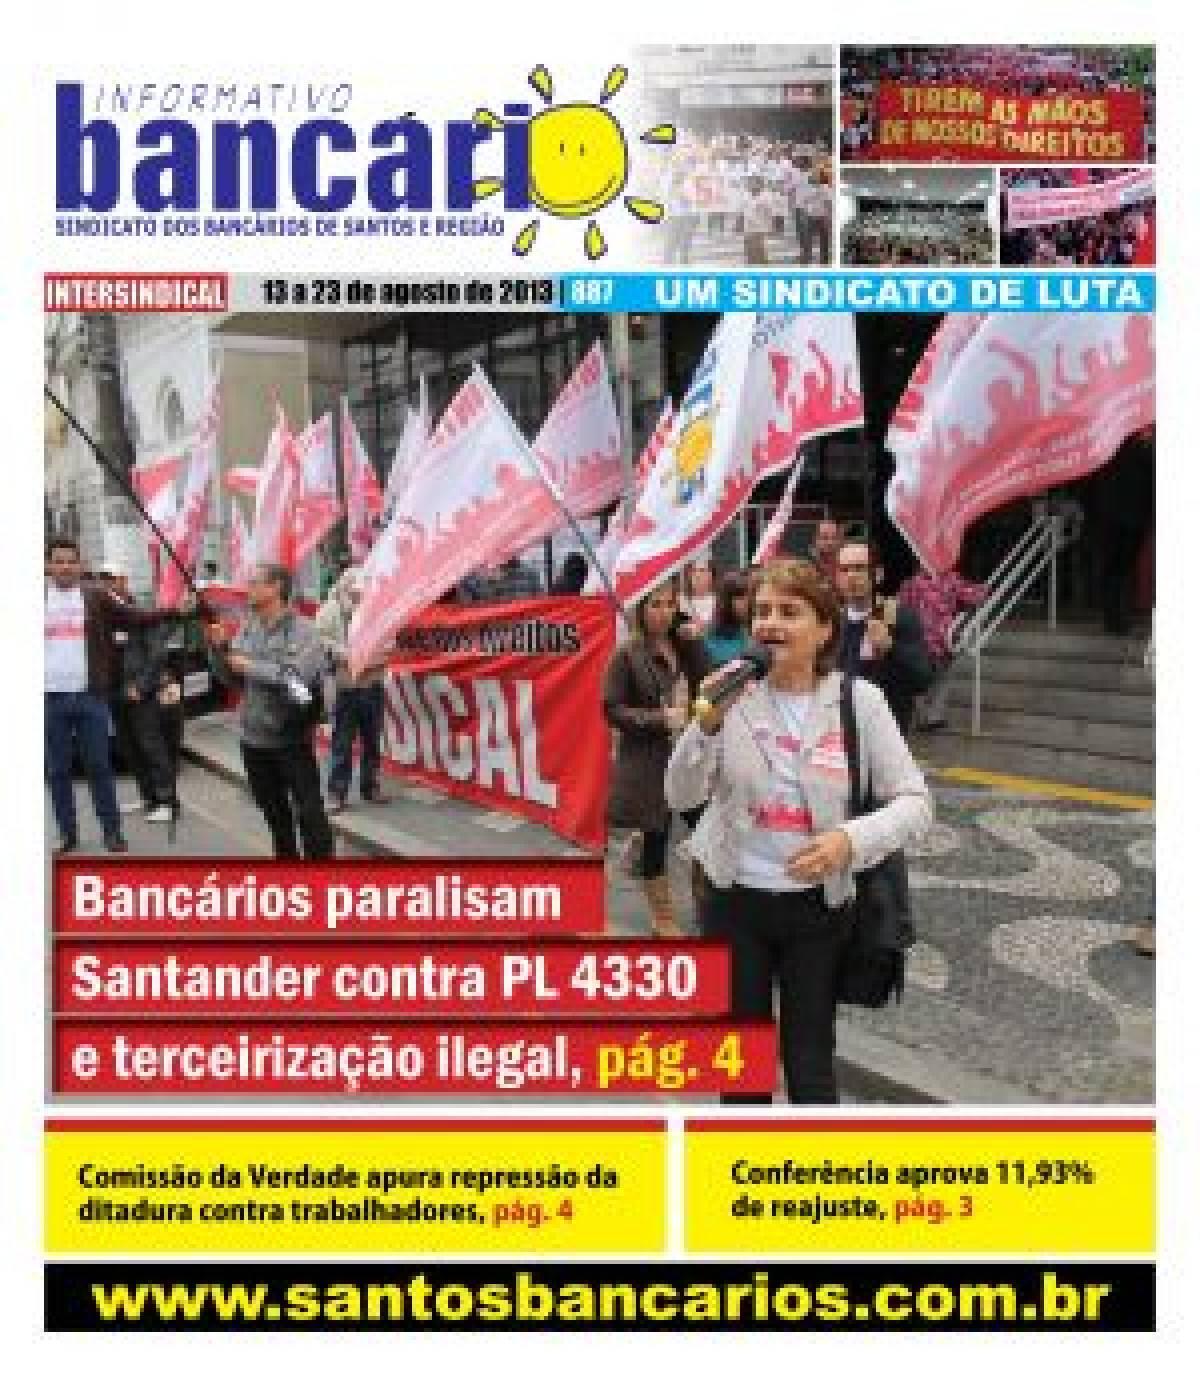 Bancários paralisam Santander contra o PL 4330 e terceirização ilegal